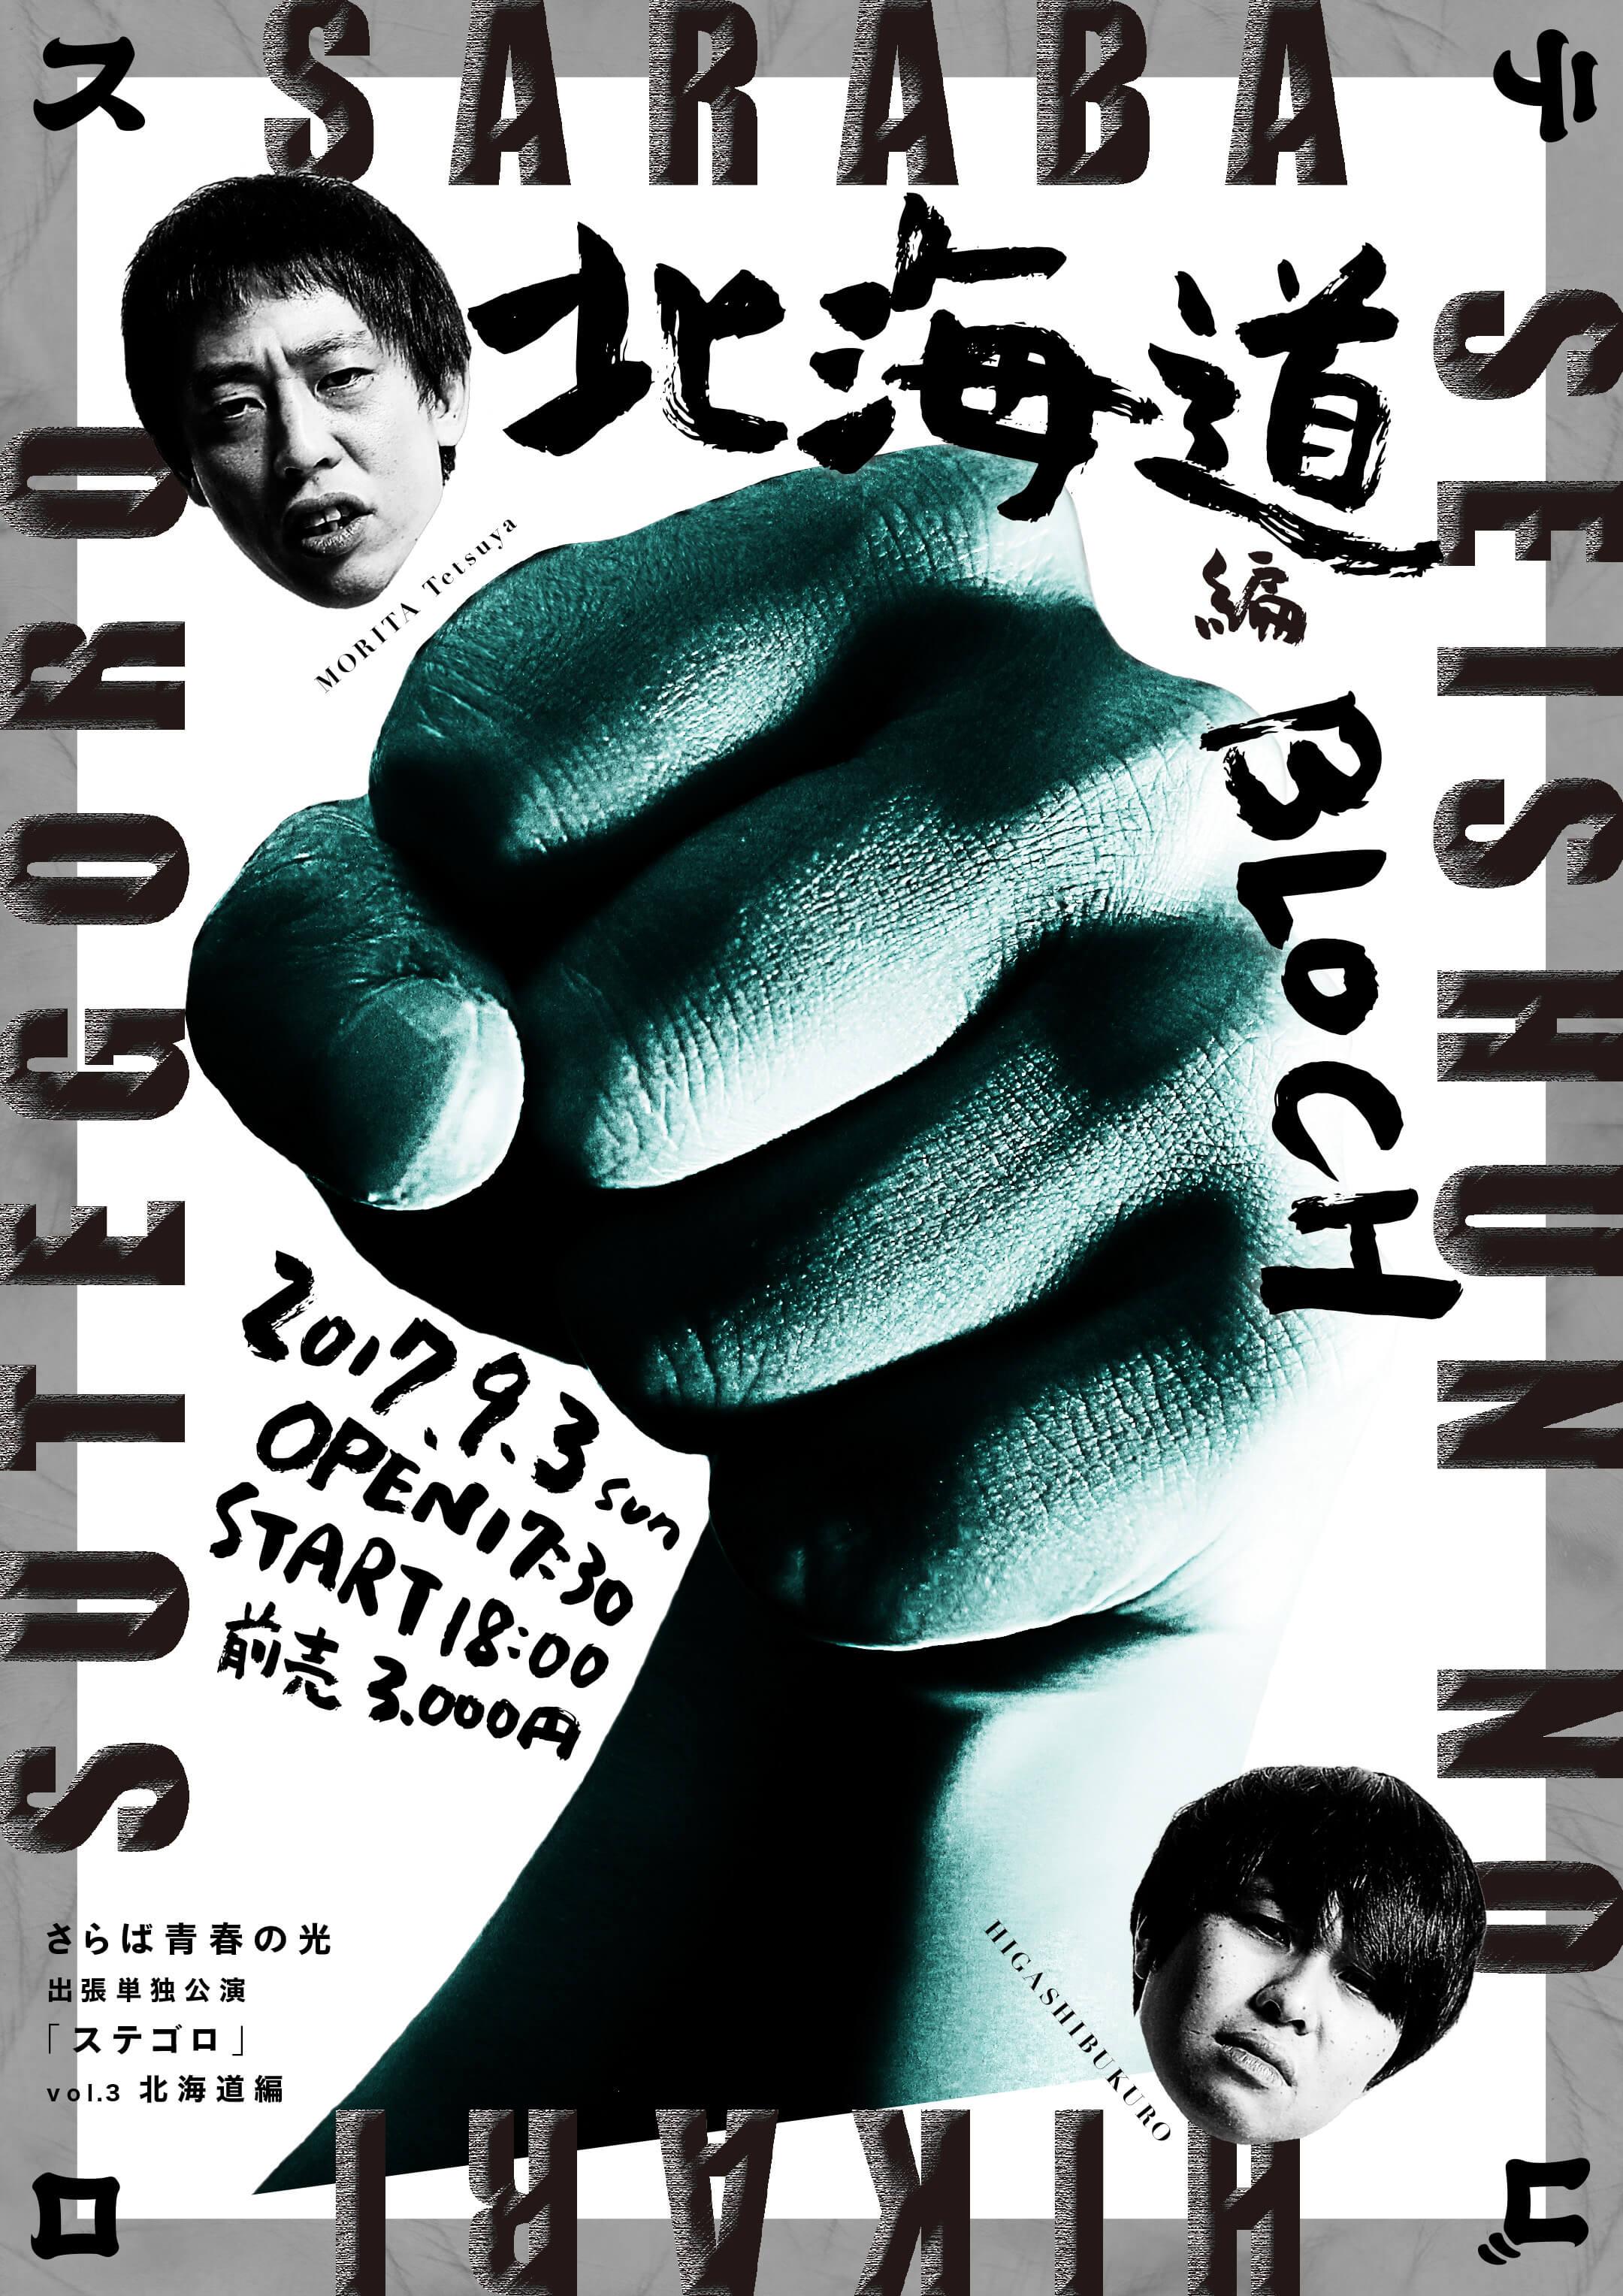 さらば青春の光 出張単独公演「ステゴロ」 北海道編